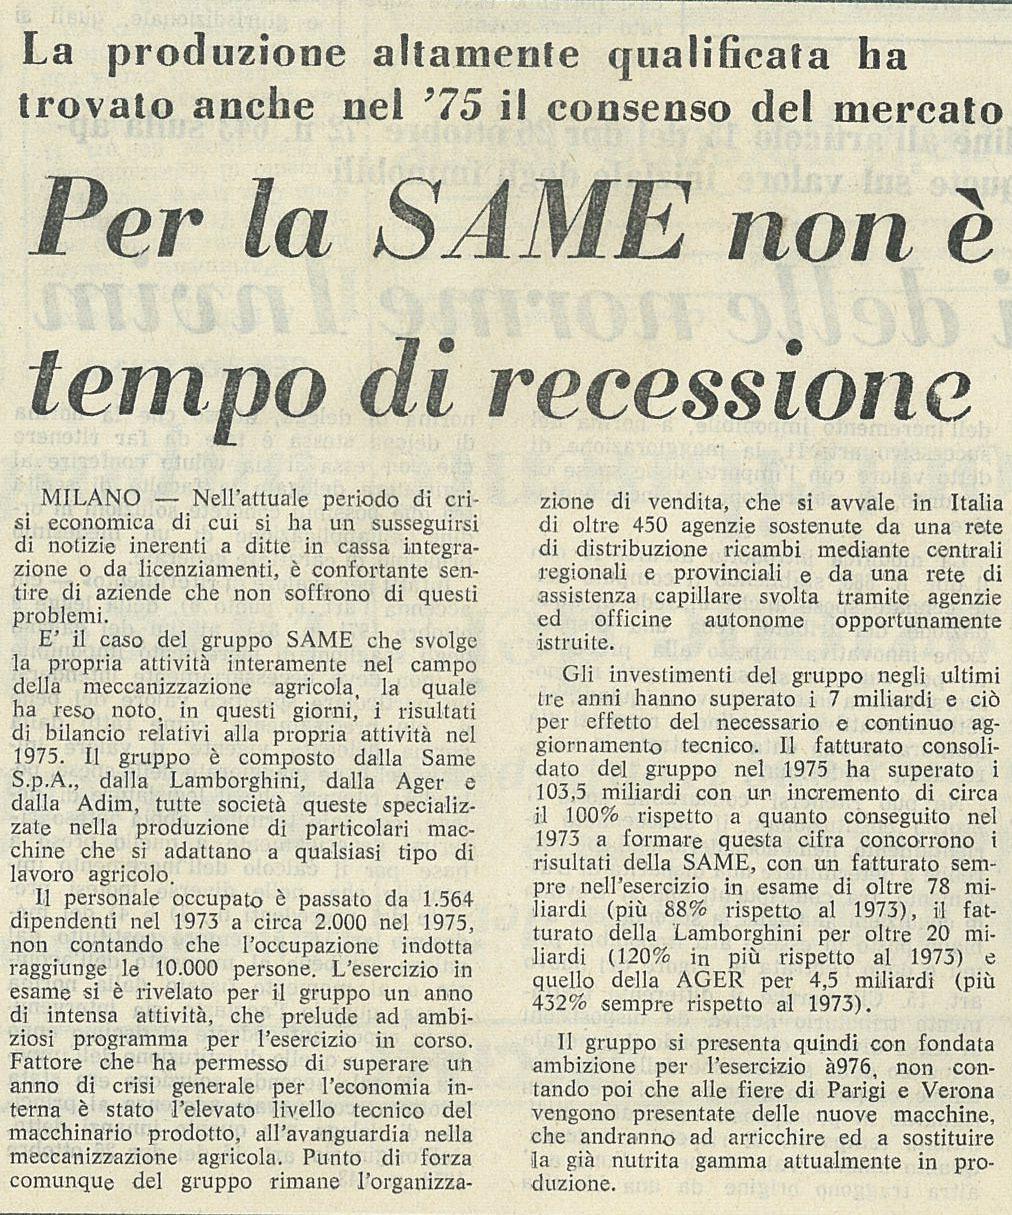 Per la SAME non è tempo di recessione.